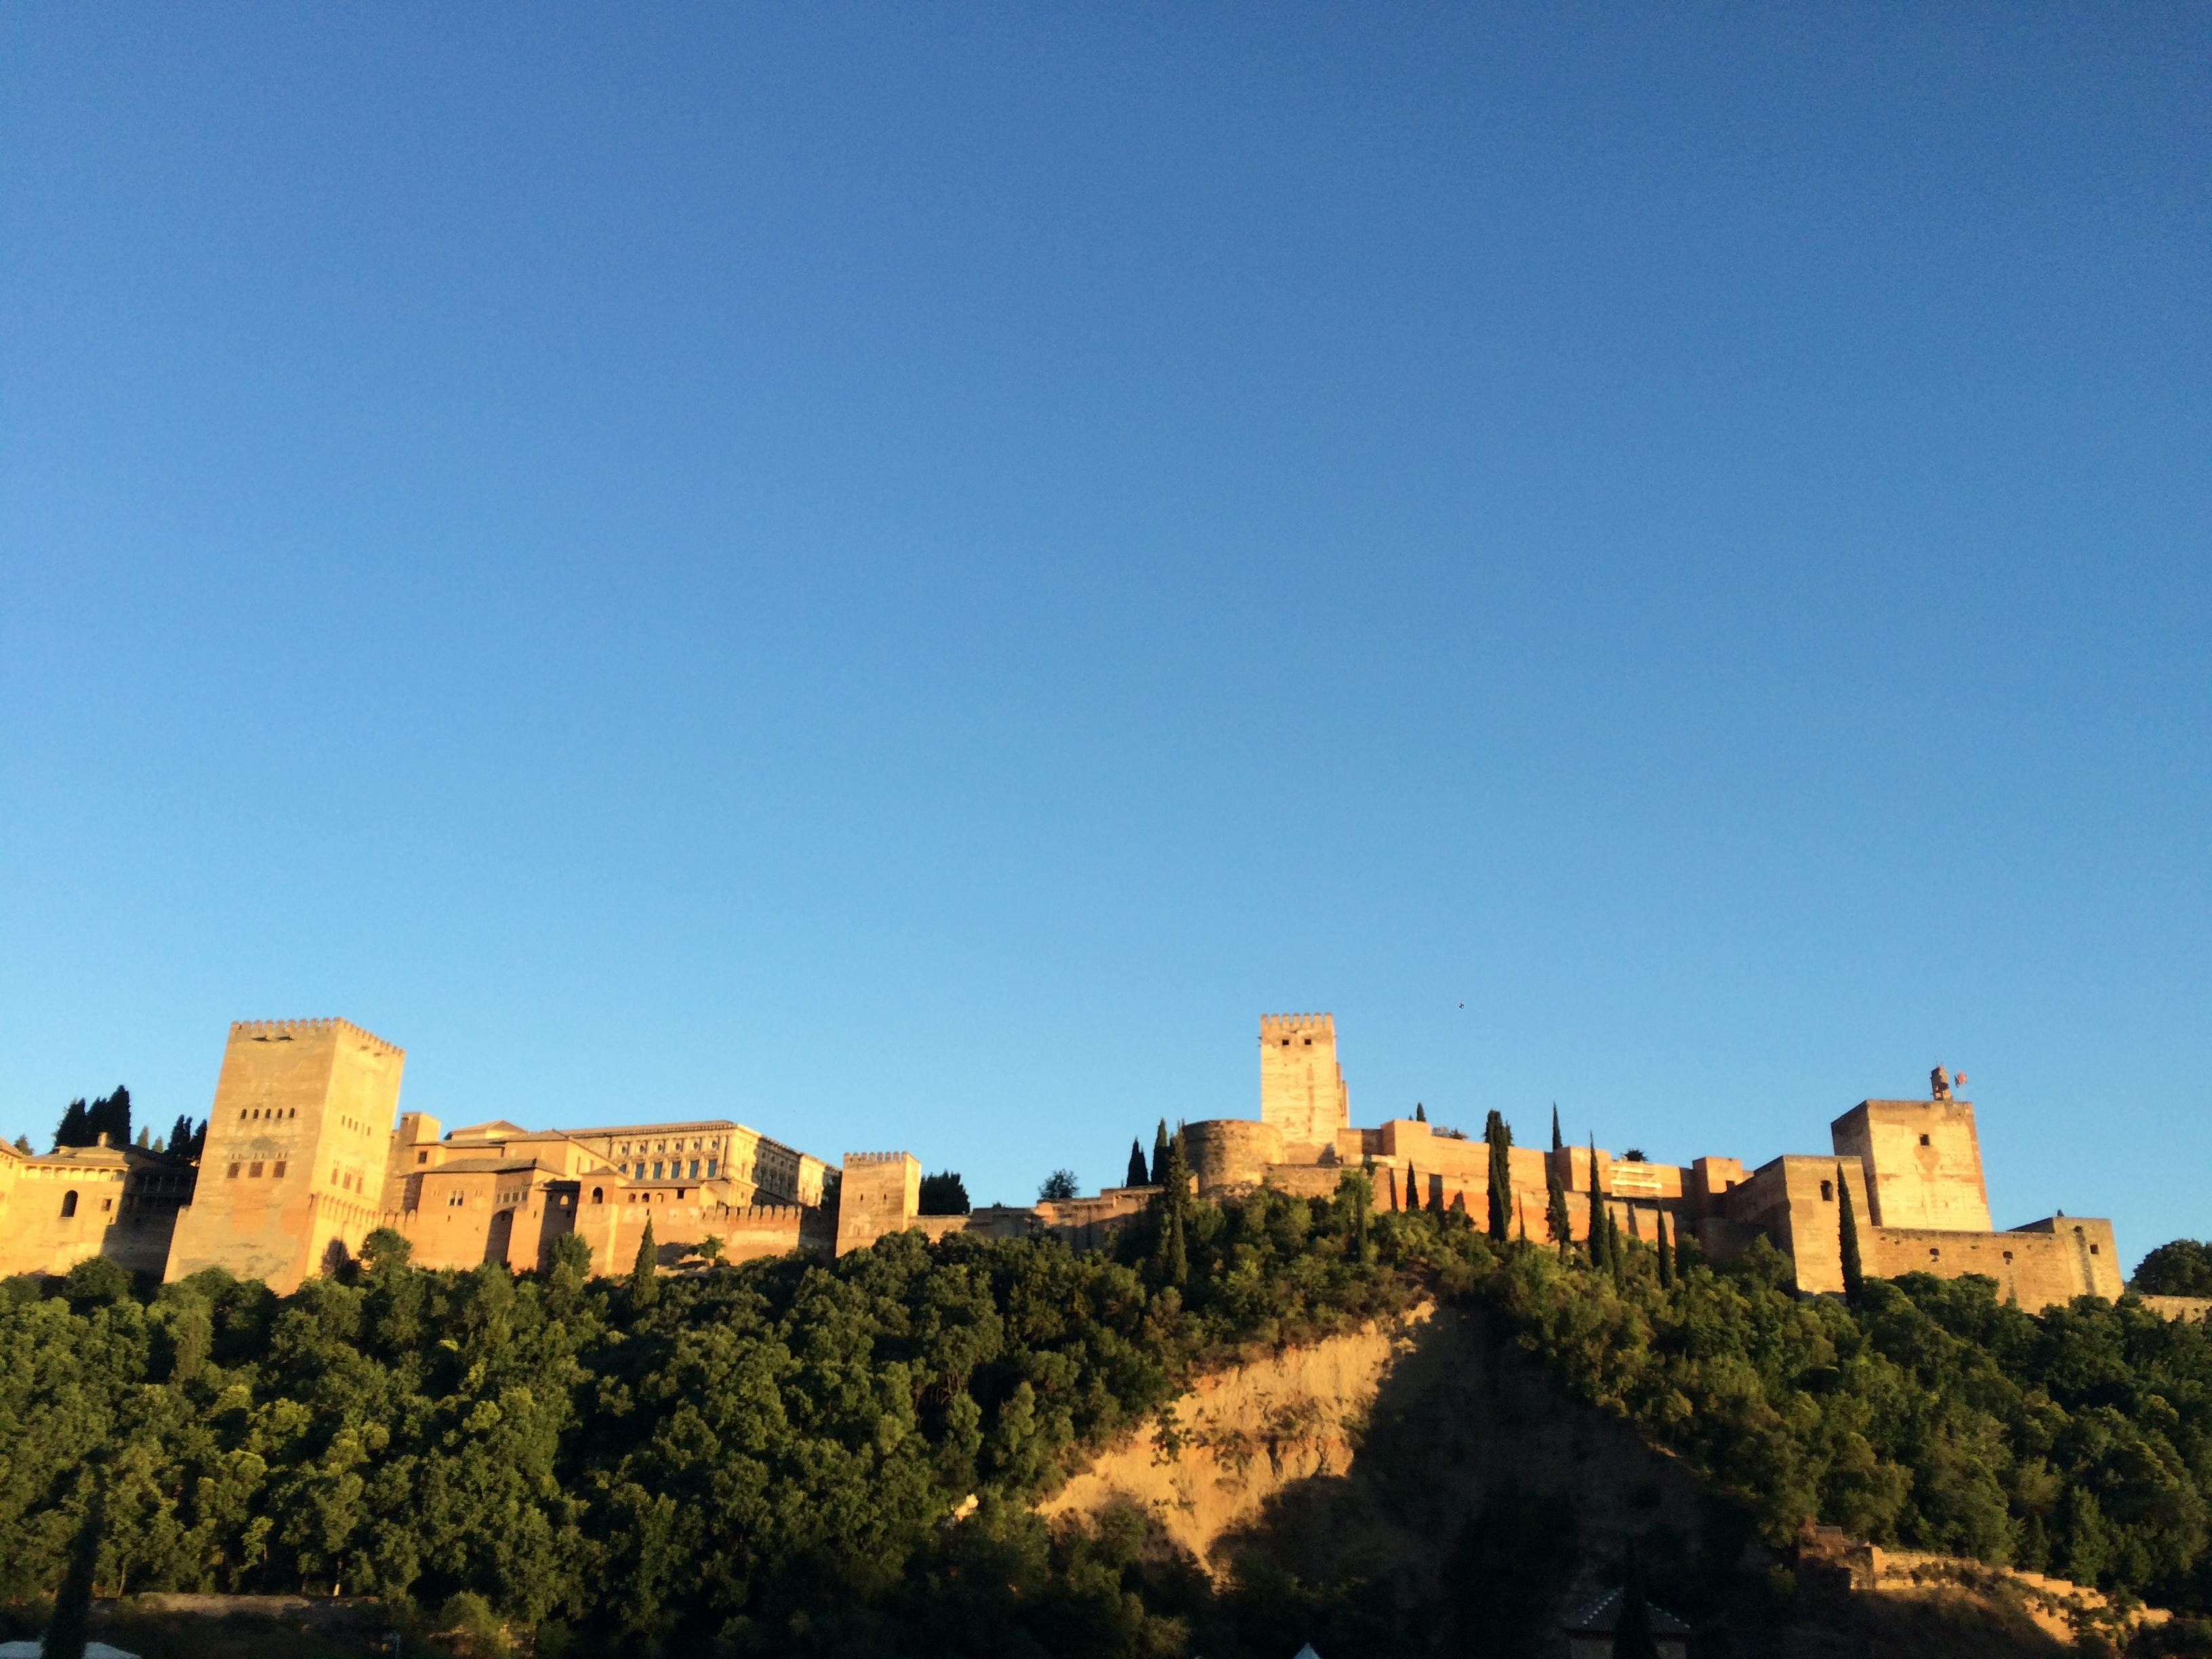 Die Festung Alhambra im Abendlicht auf einem Hügel über der Stadt Granada.